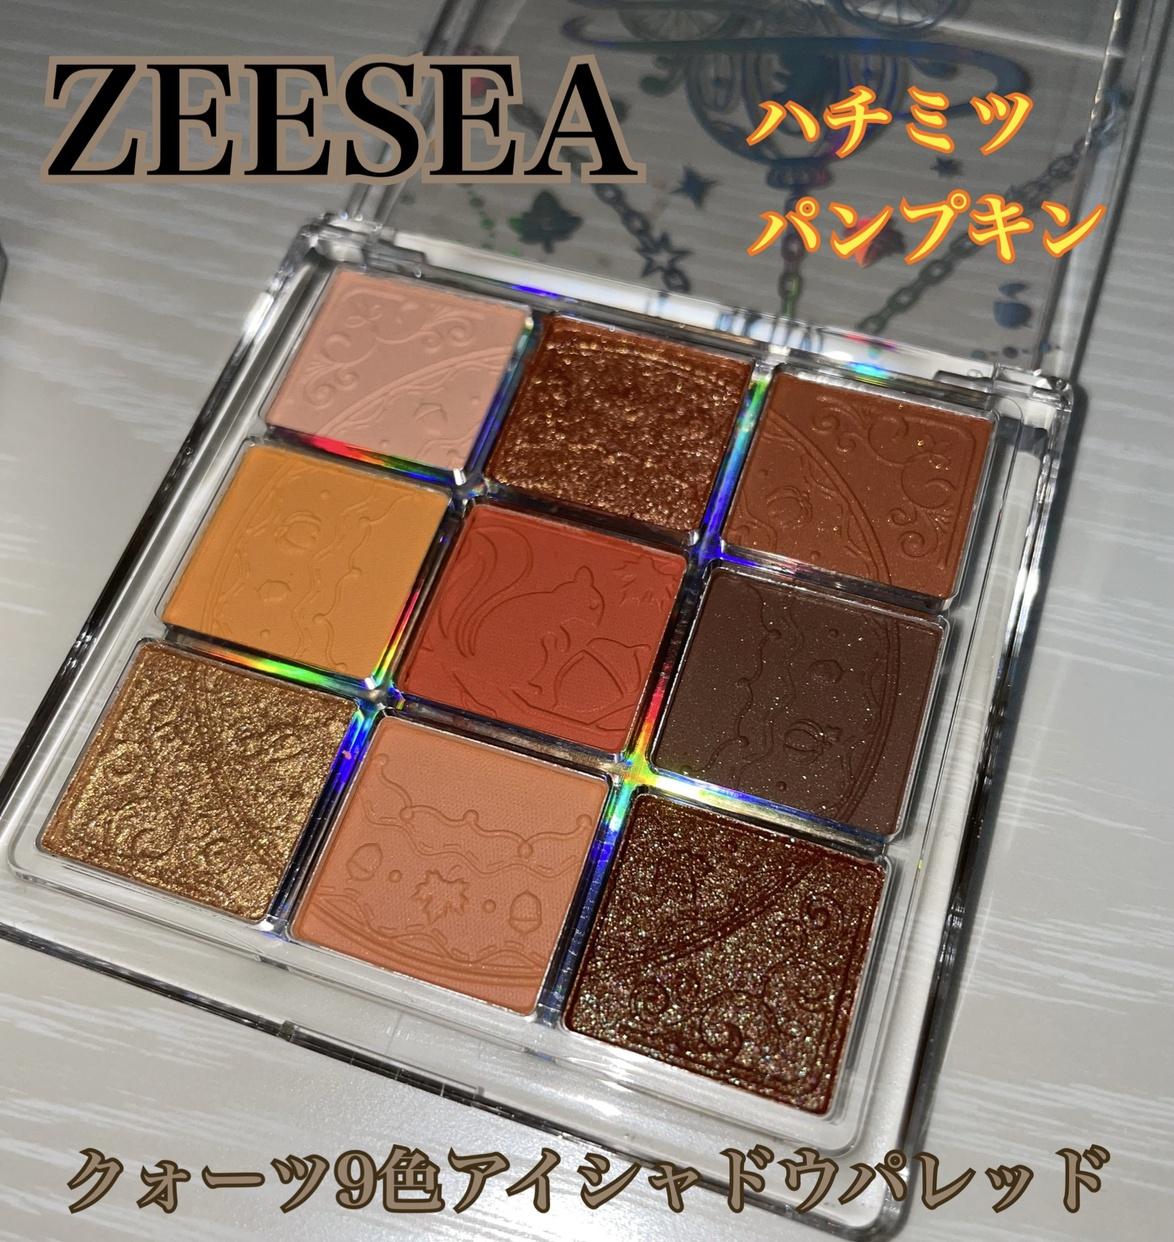 ZEESEA(ズーシー) クォーツ 9色アイシャドウパレットを使ったRENA🤍🤍さんのクチコミ画像1